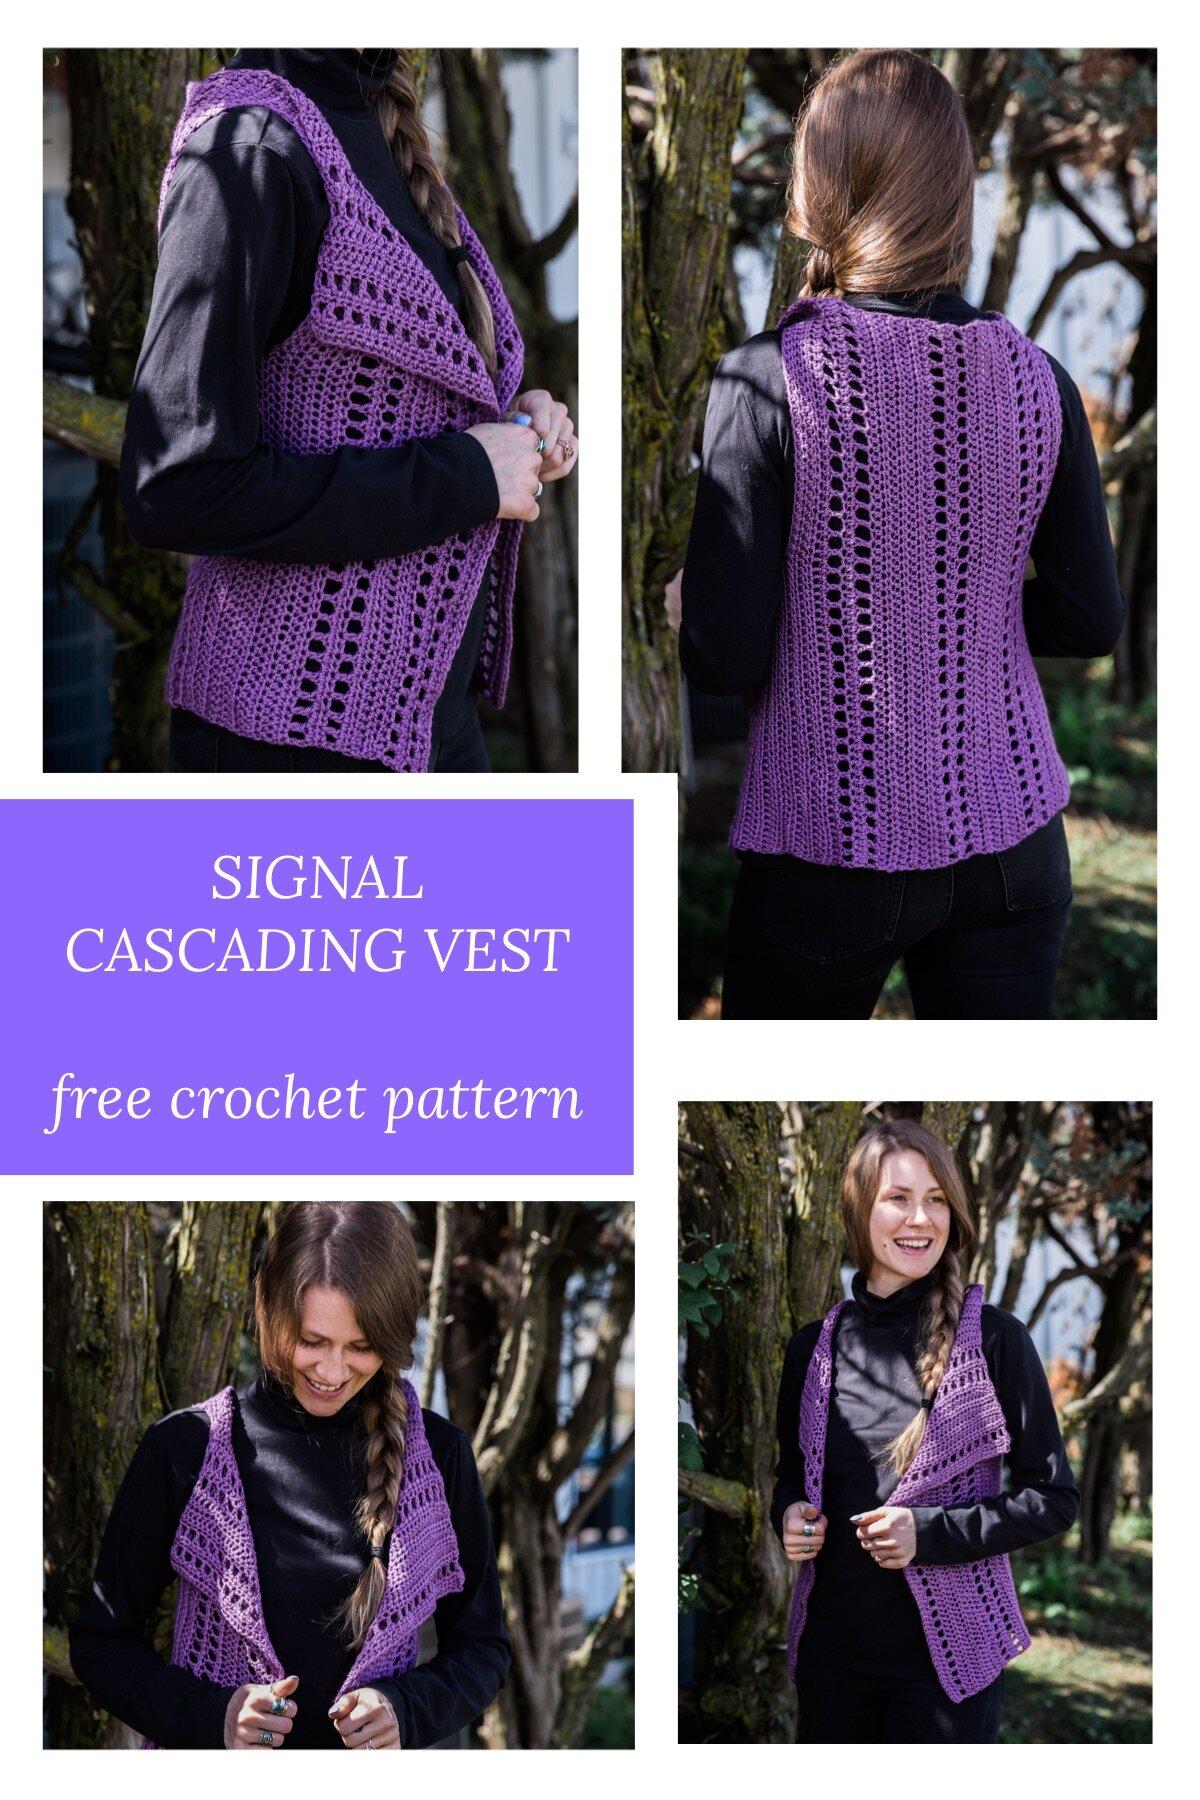 knitcrate-crochet-vest-free-pattern-2.jpg